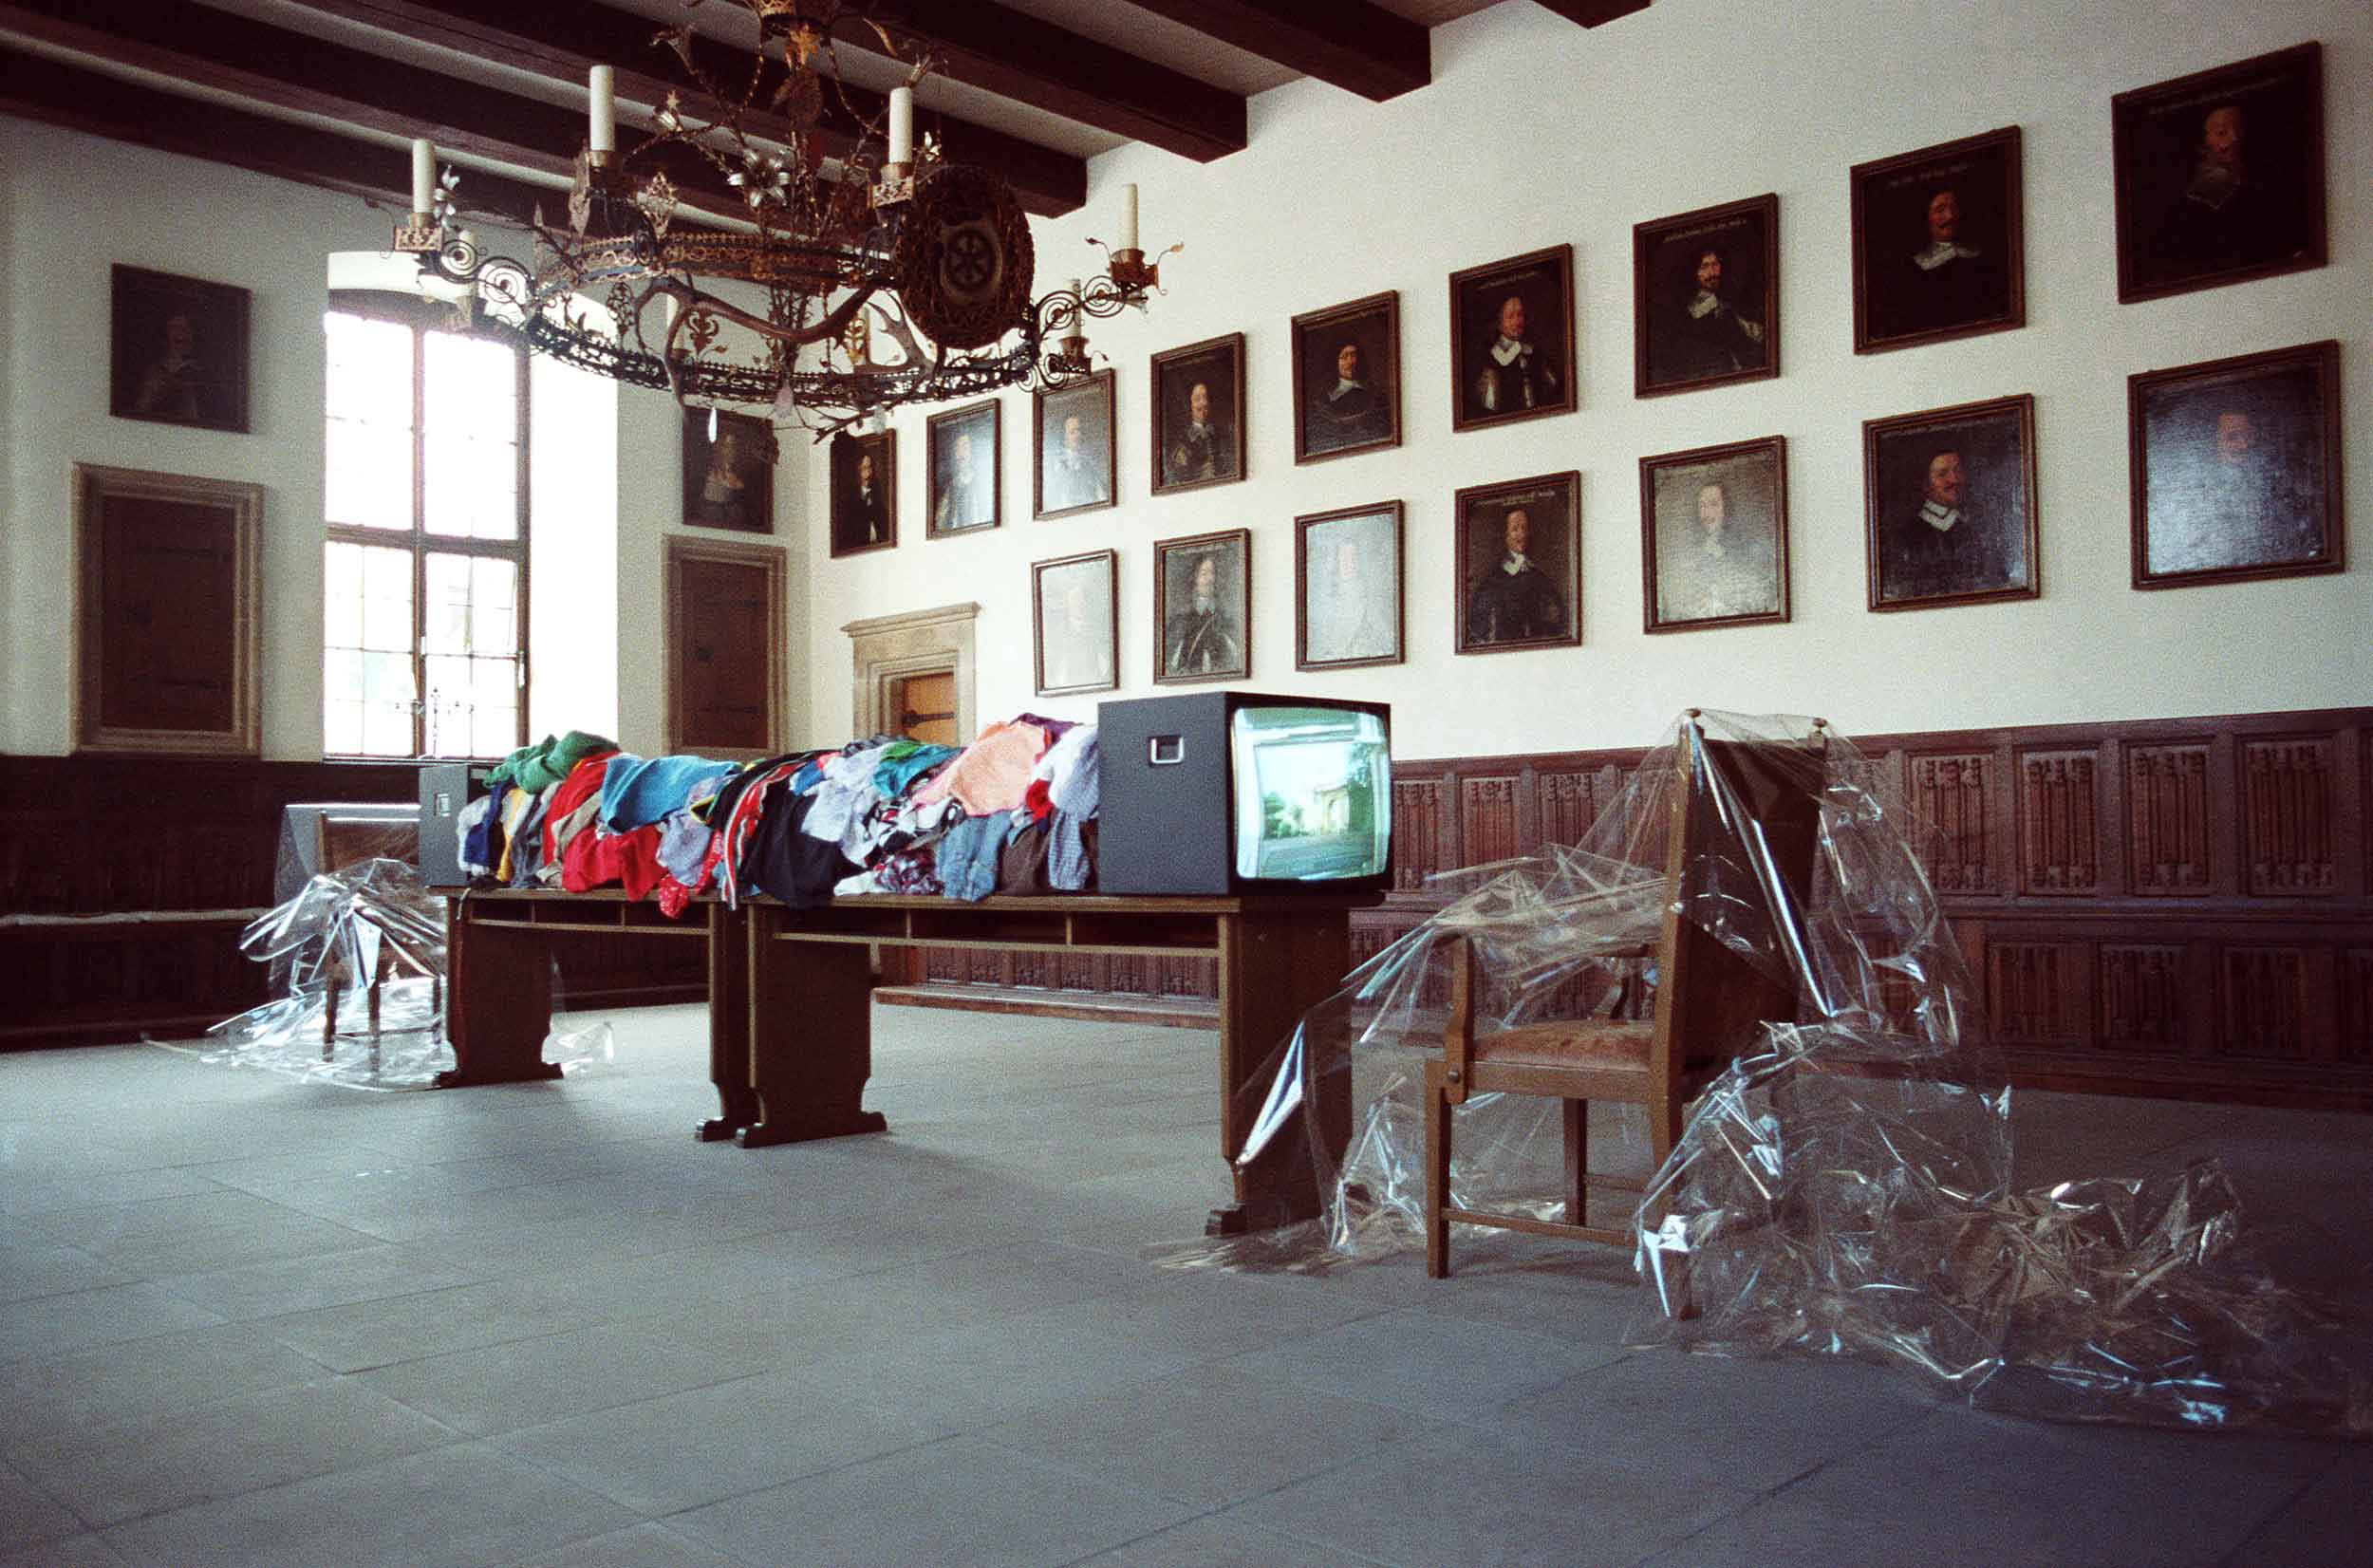 Concha Jerez, Media Arts Festival, Osnabrück, 1988